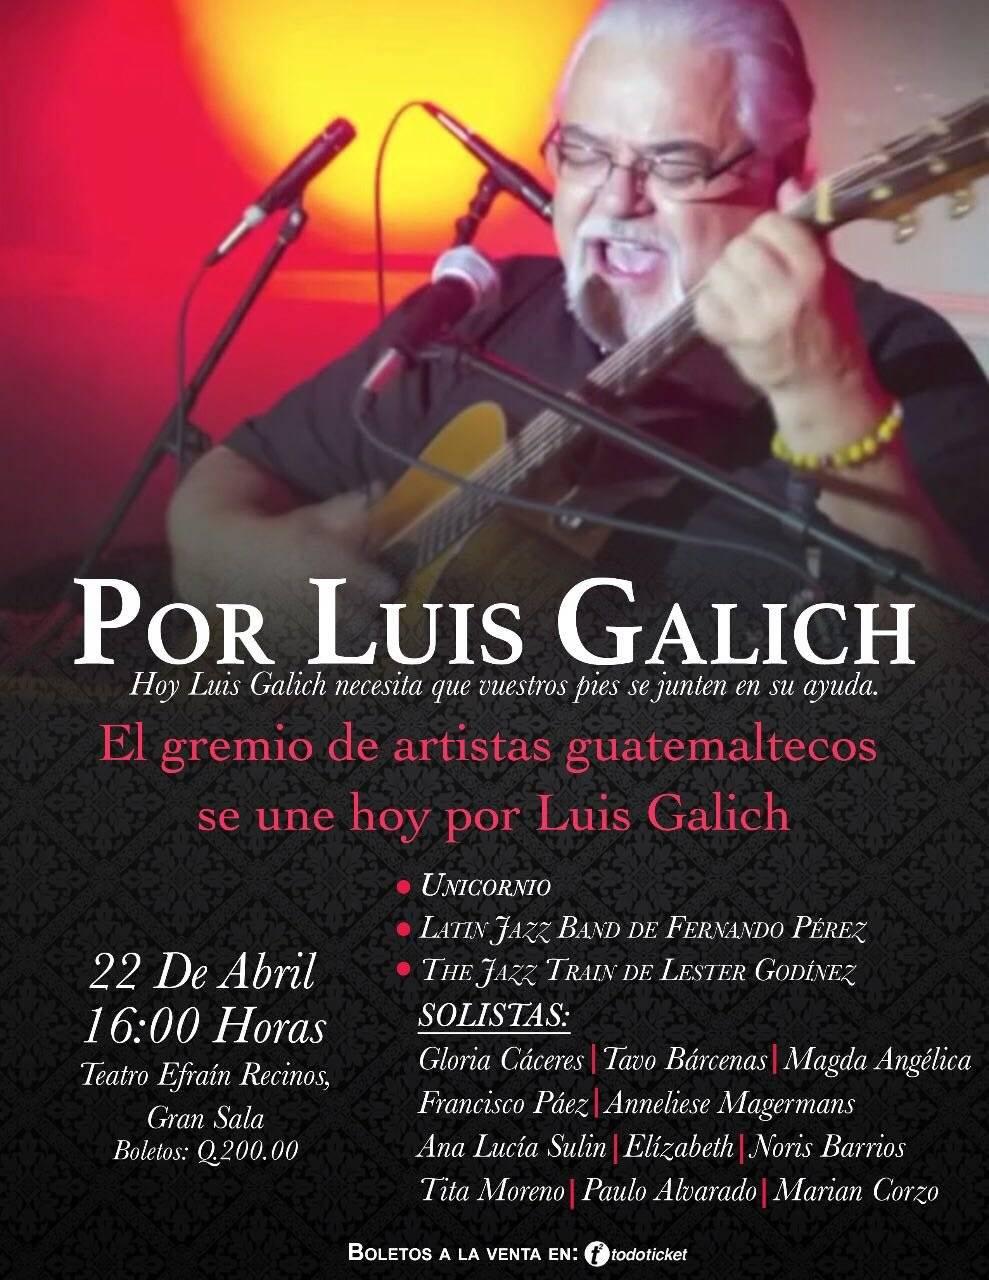 Concierto por Luis Galich